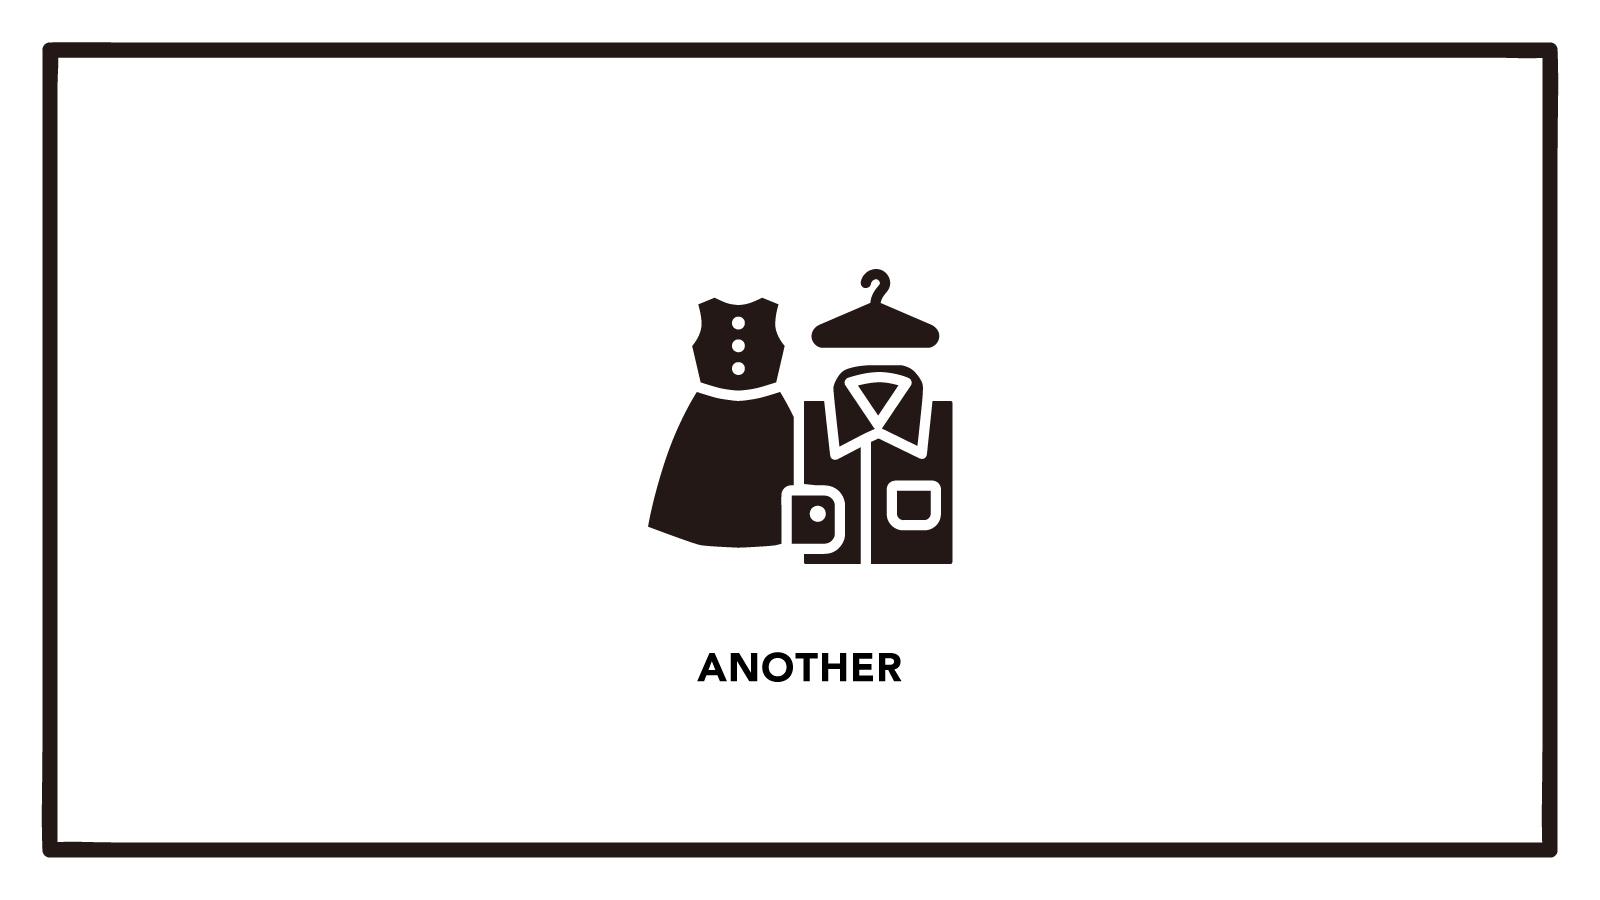 【財務担当(リーダークラス)】金融からの転職歓迎します!のカバー写真